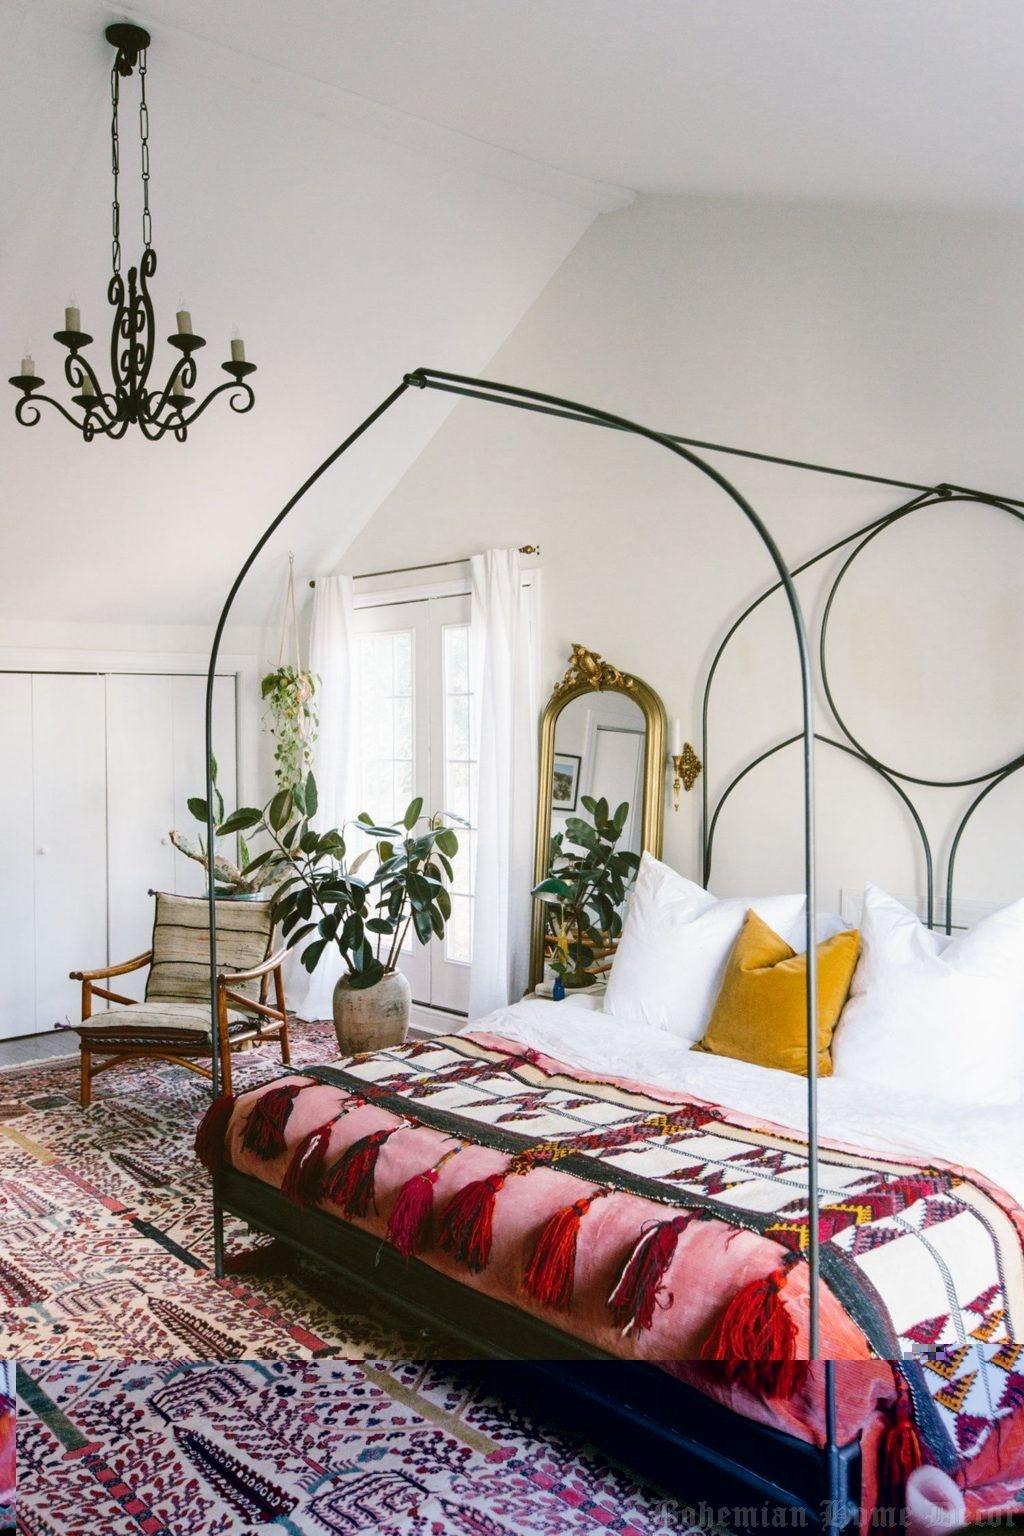 How To Teach Bohemian Home Decor Like A Pro Oct 2020